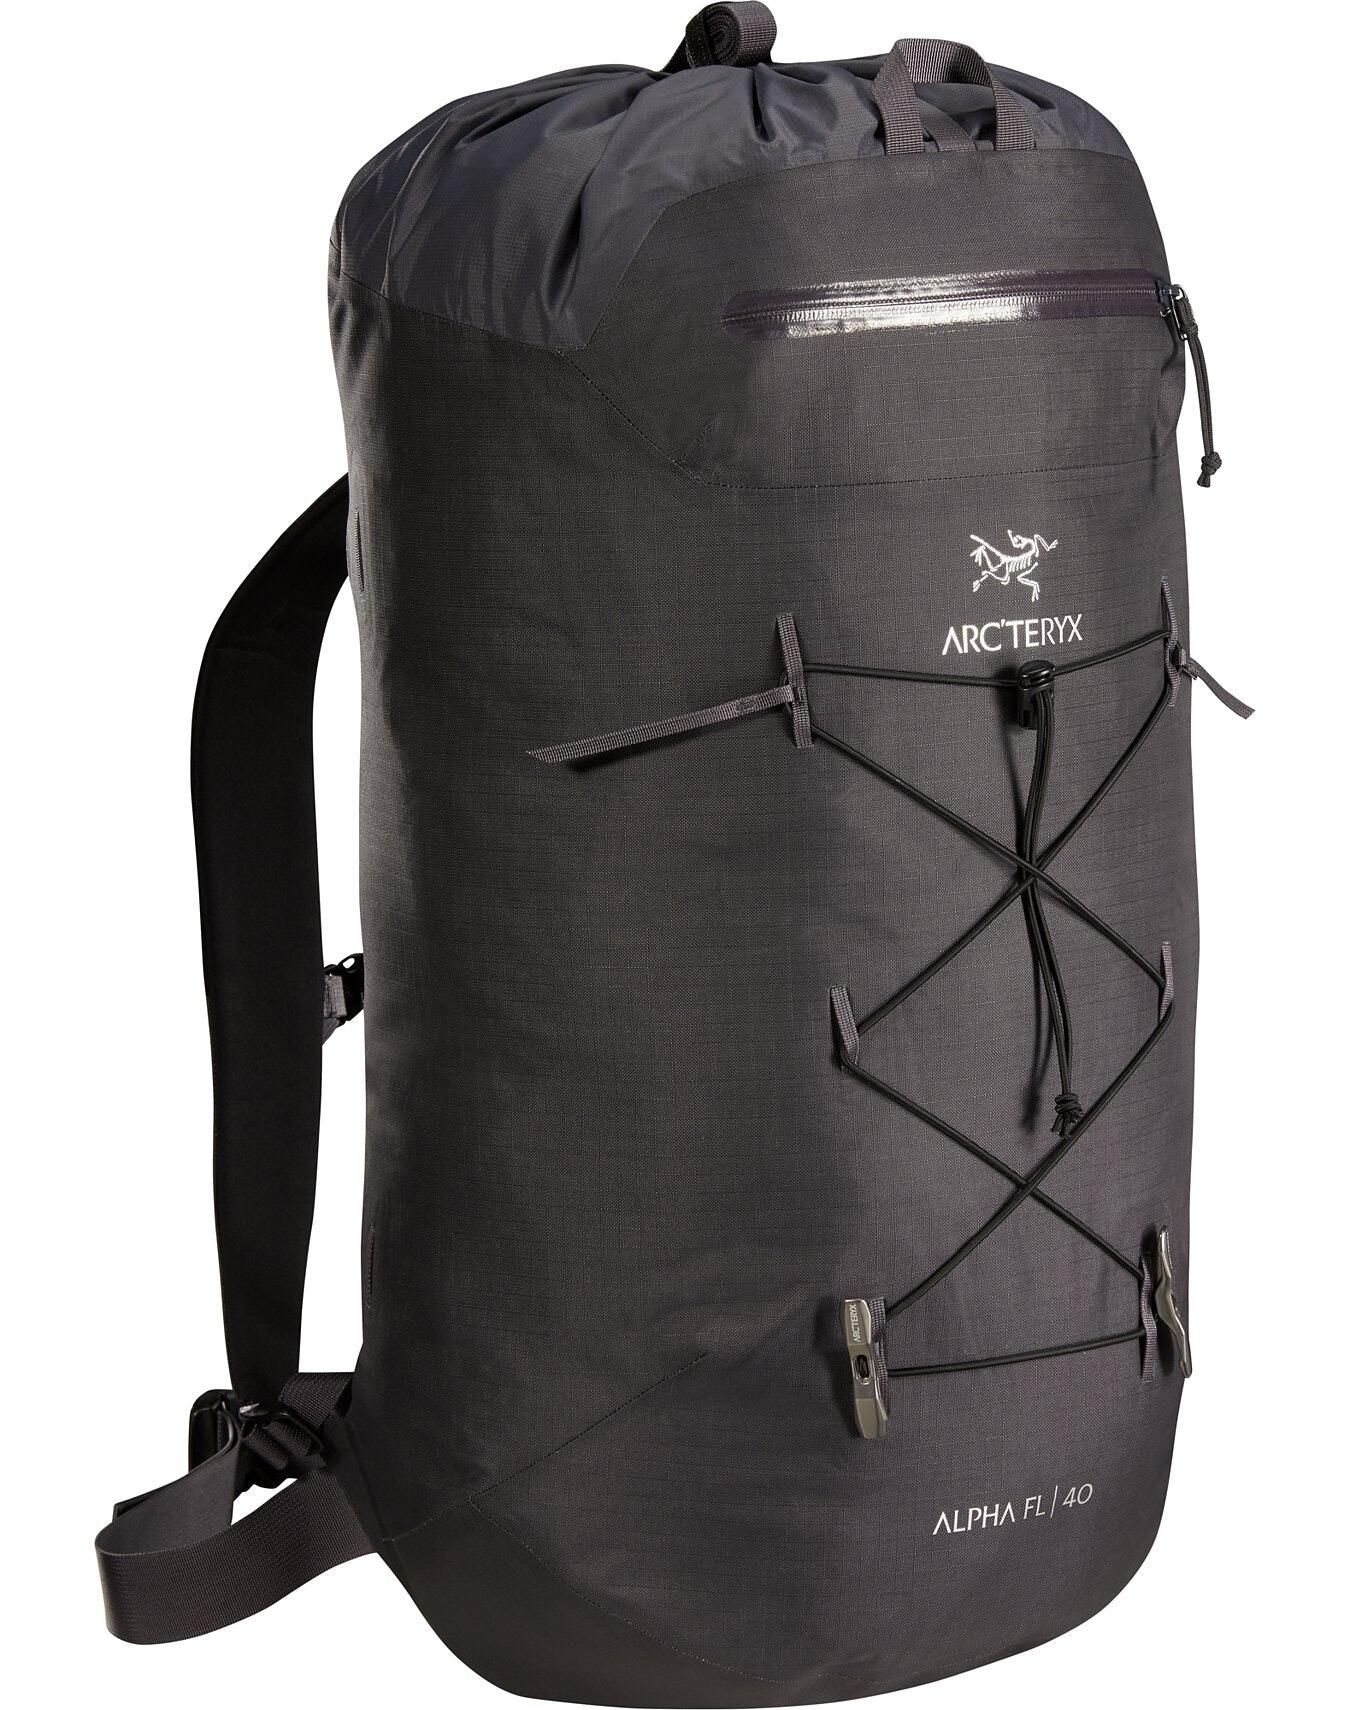 Alpha FL 40 Backpack Carbon Copy